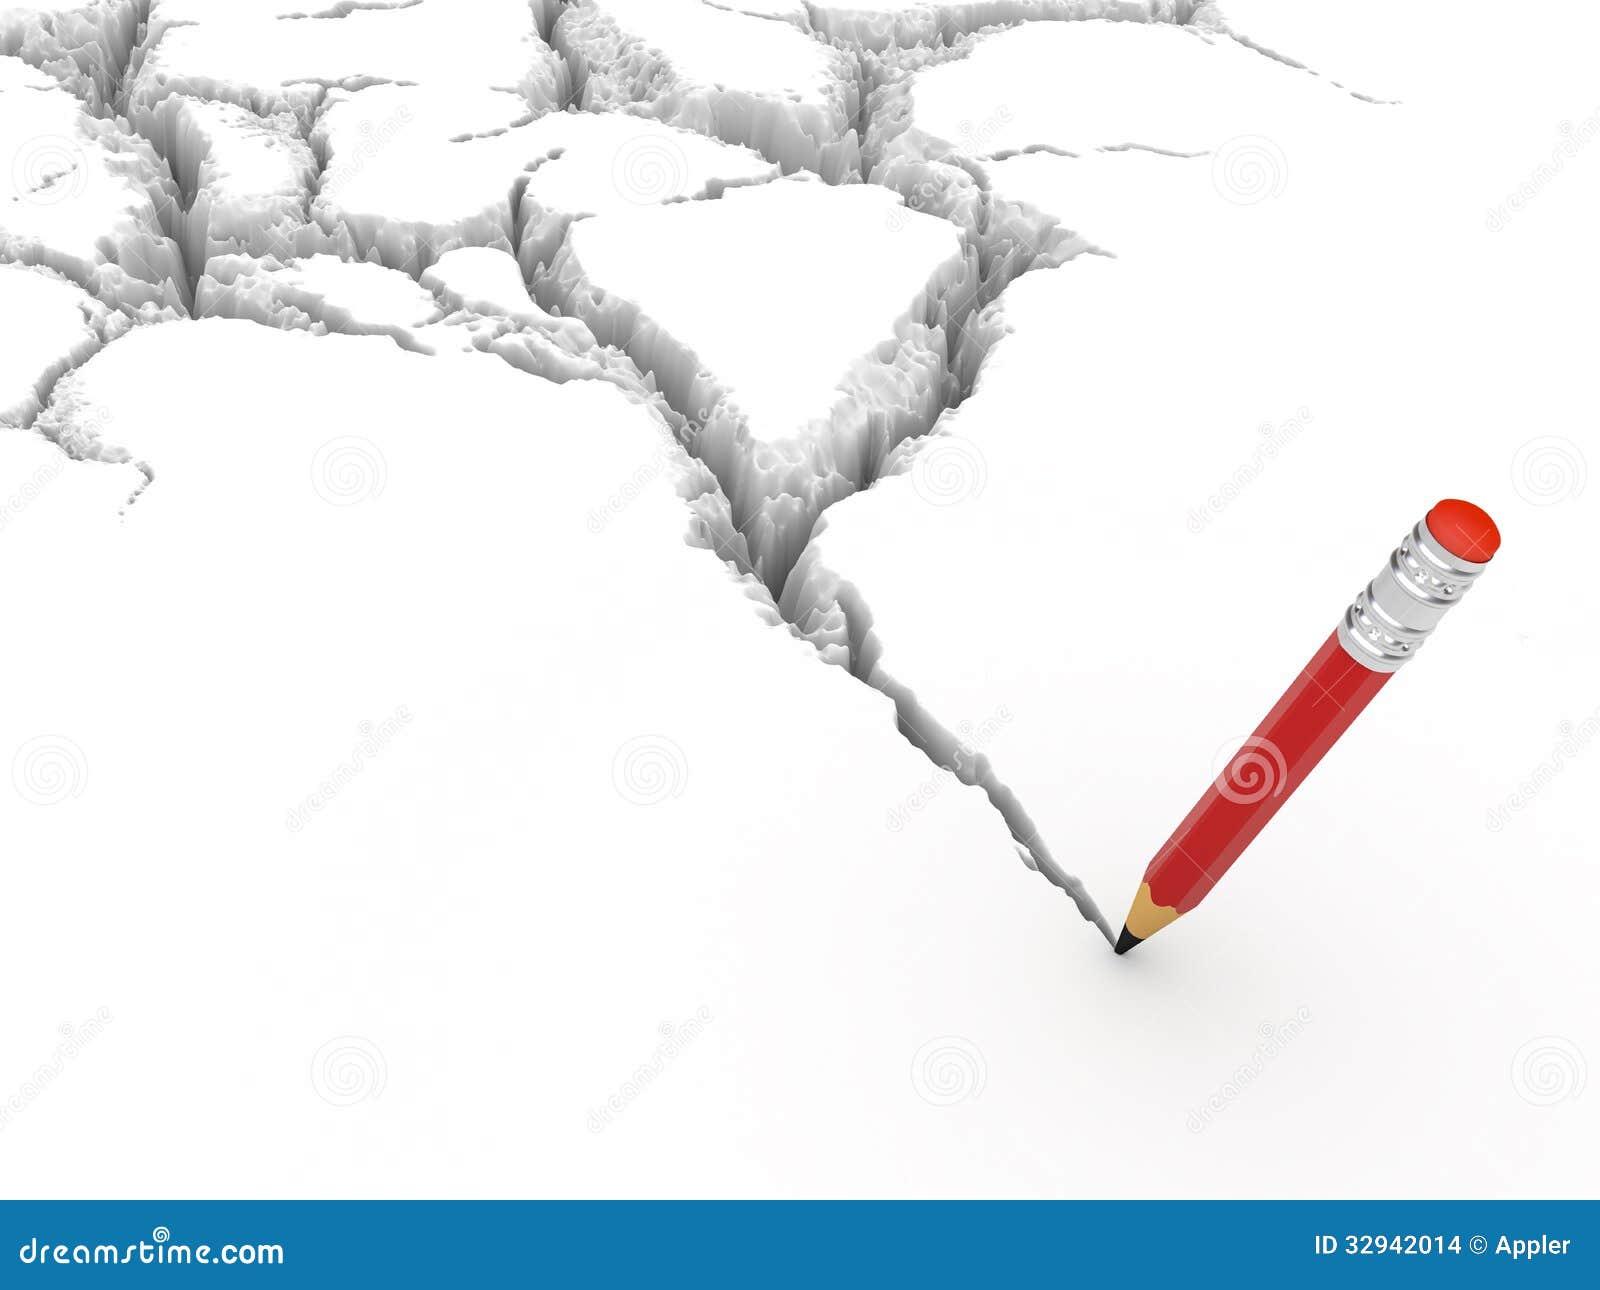 Как карандашом нарисовать трещину